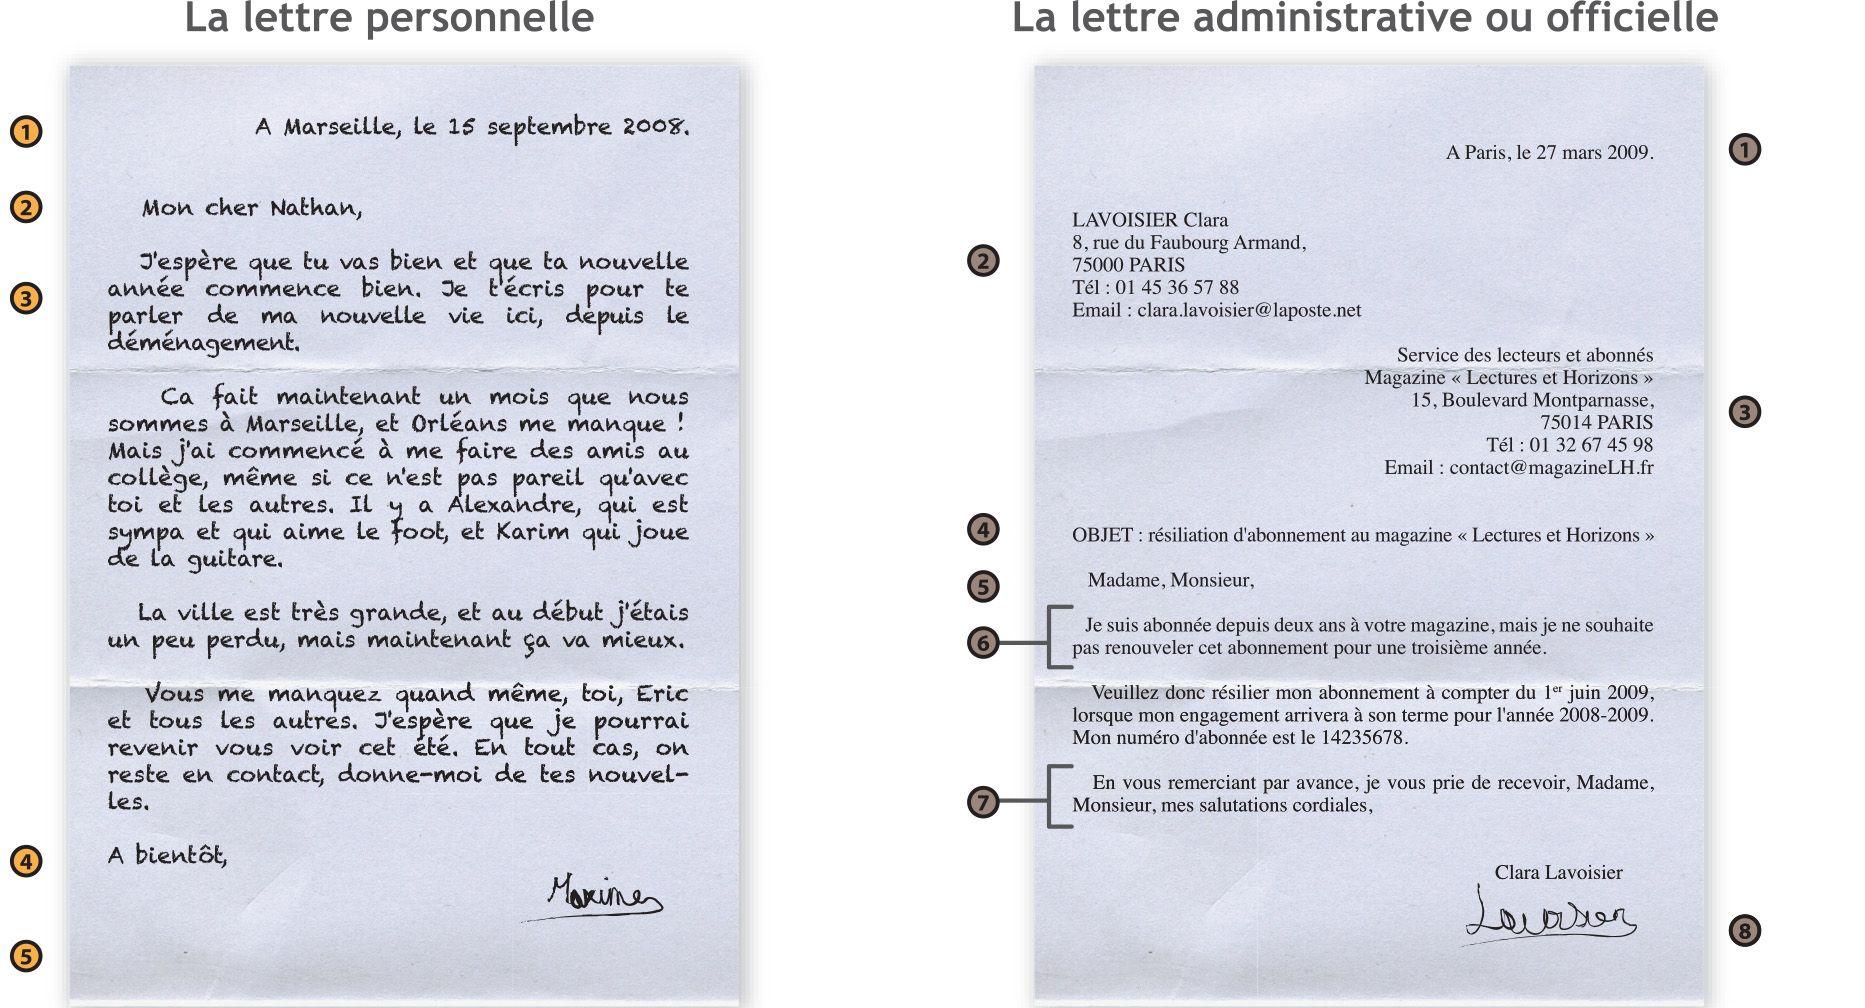 dans le livre de fran u00e7ais programme de 4e  le chapitre reconnaitre et  u00e9crire une lettre